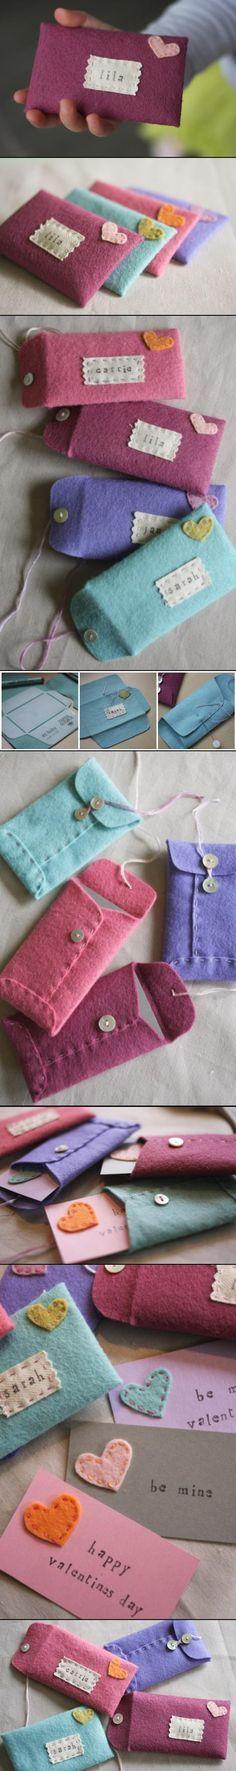 Embroidered Felt Envelopes - Embroidery Embroider Felt Project DIY Envelope